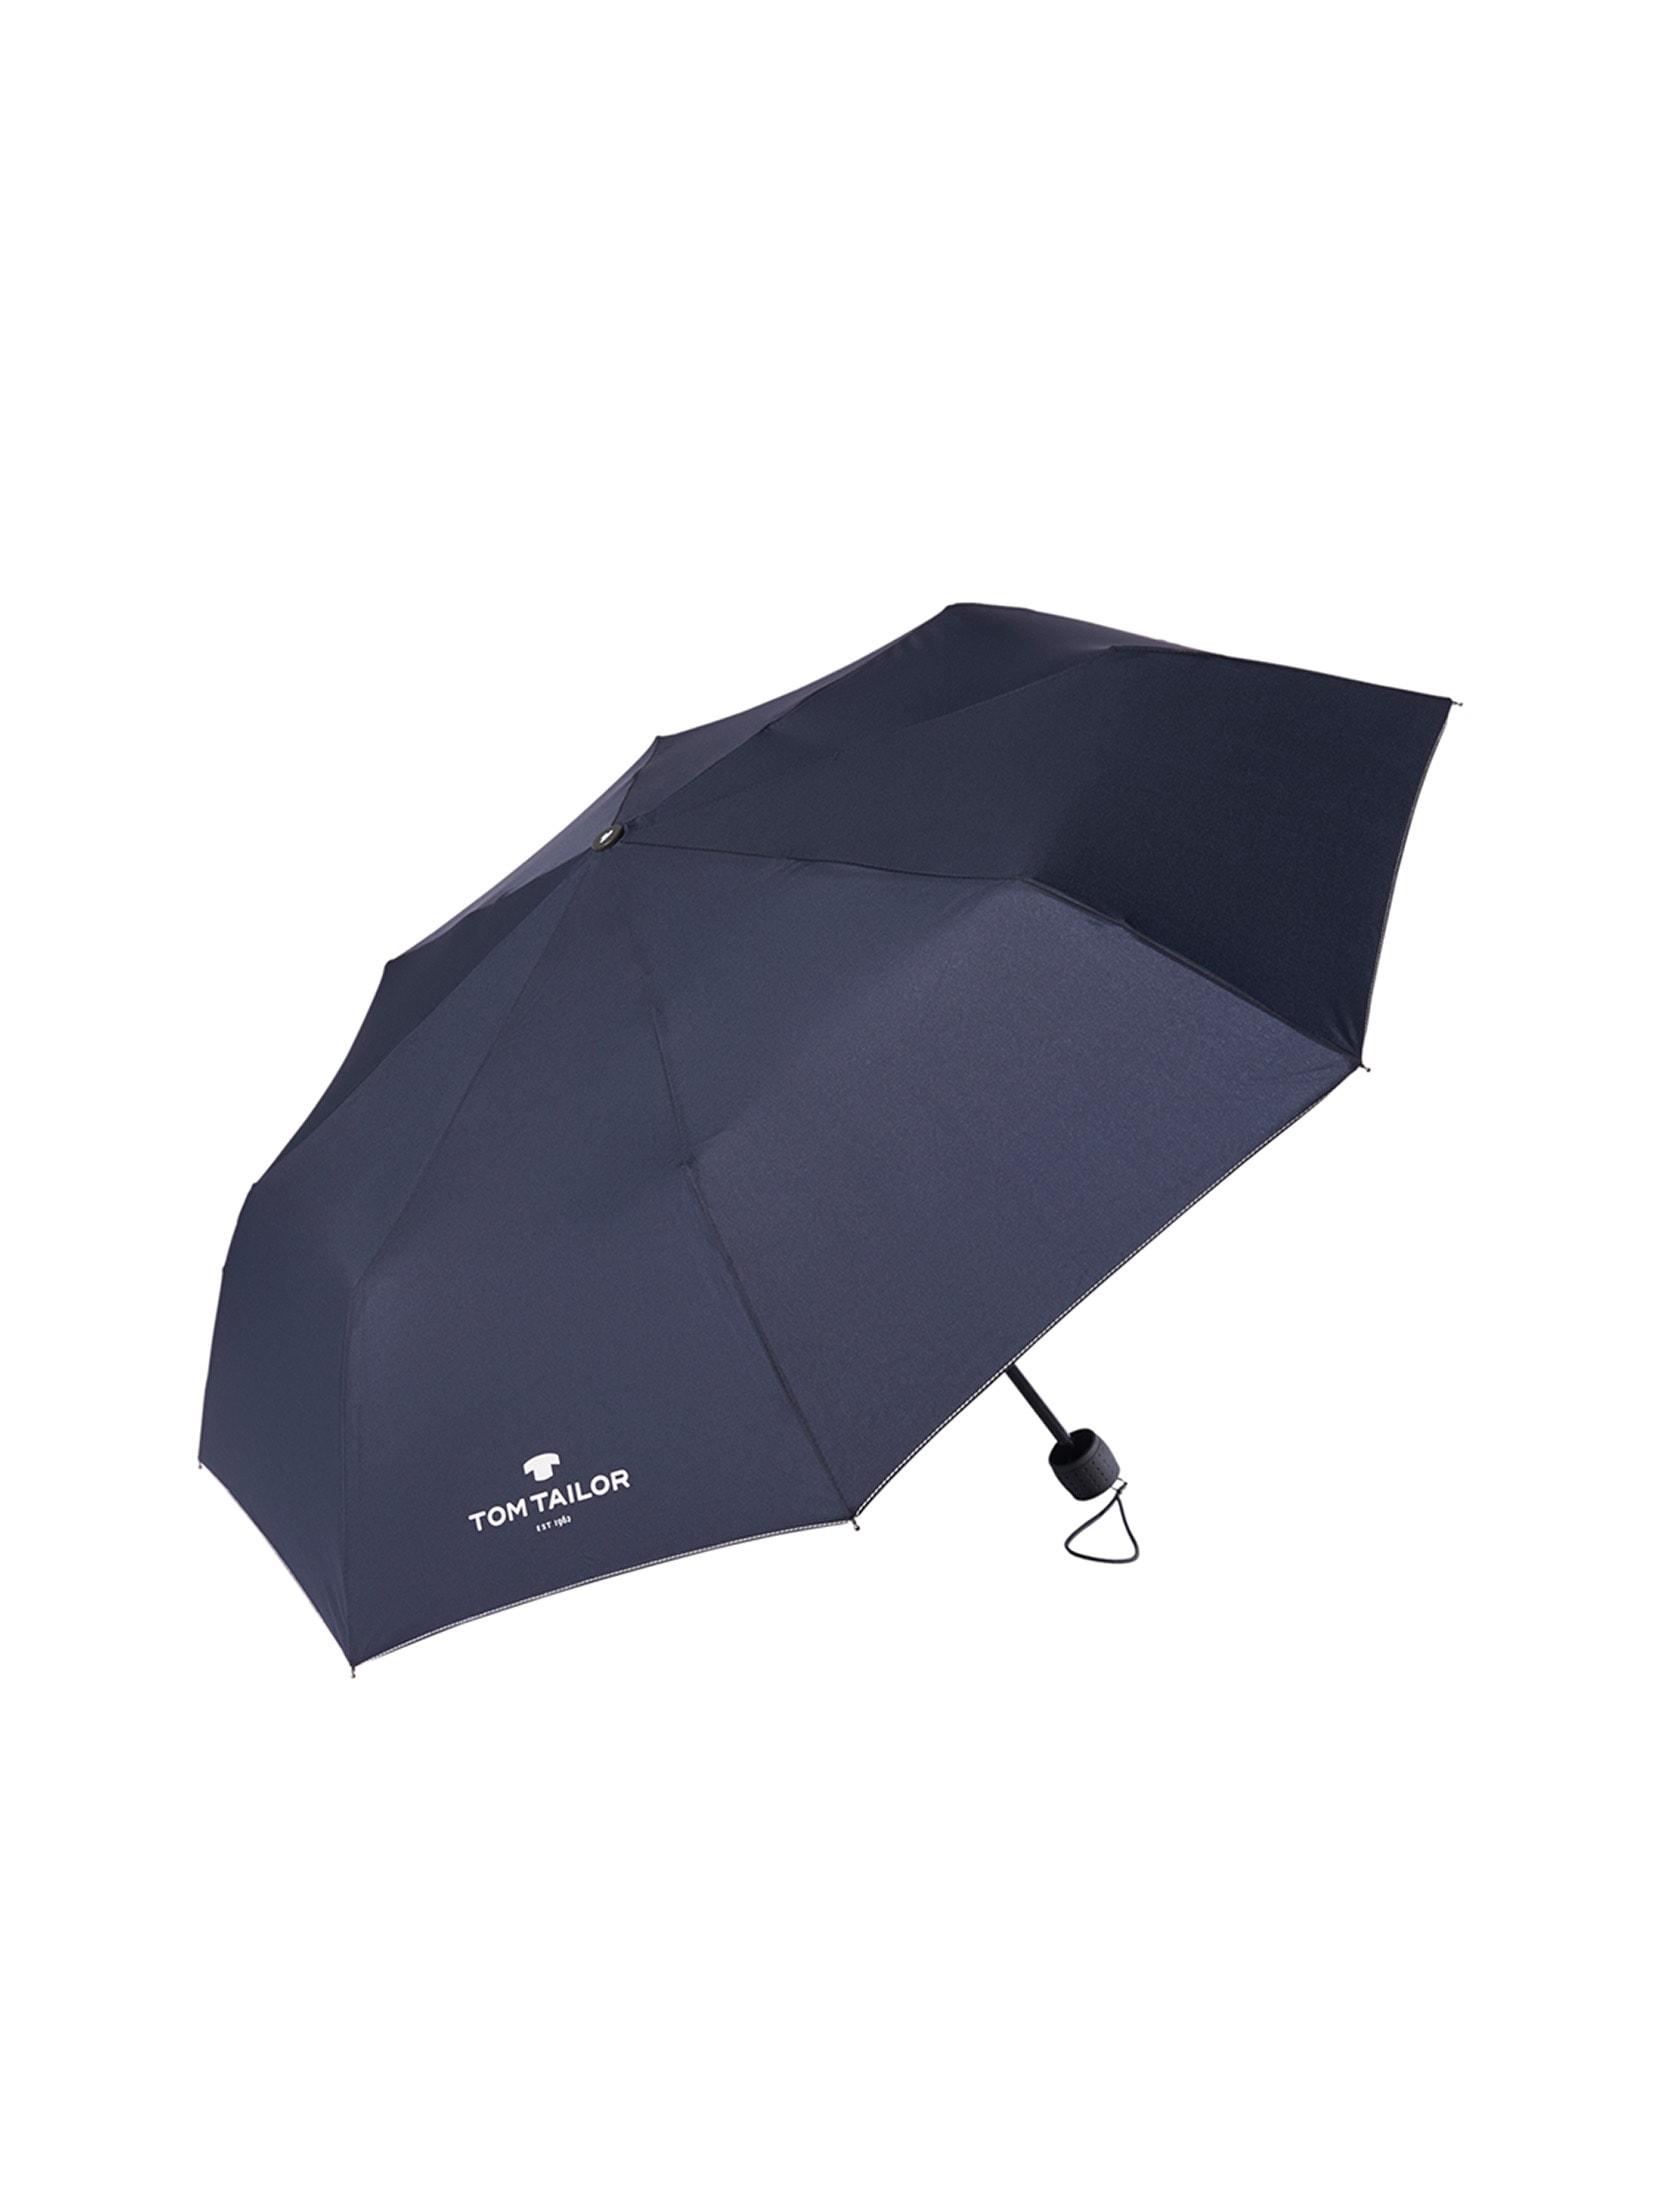 TOM TAILOR Taschenregenschirm Extra kleiner Regenschirm blau Taschenschirme Regenschirme Accessoires Unisex